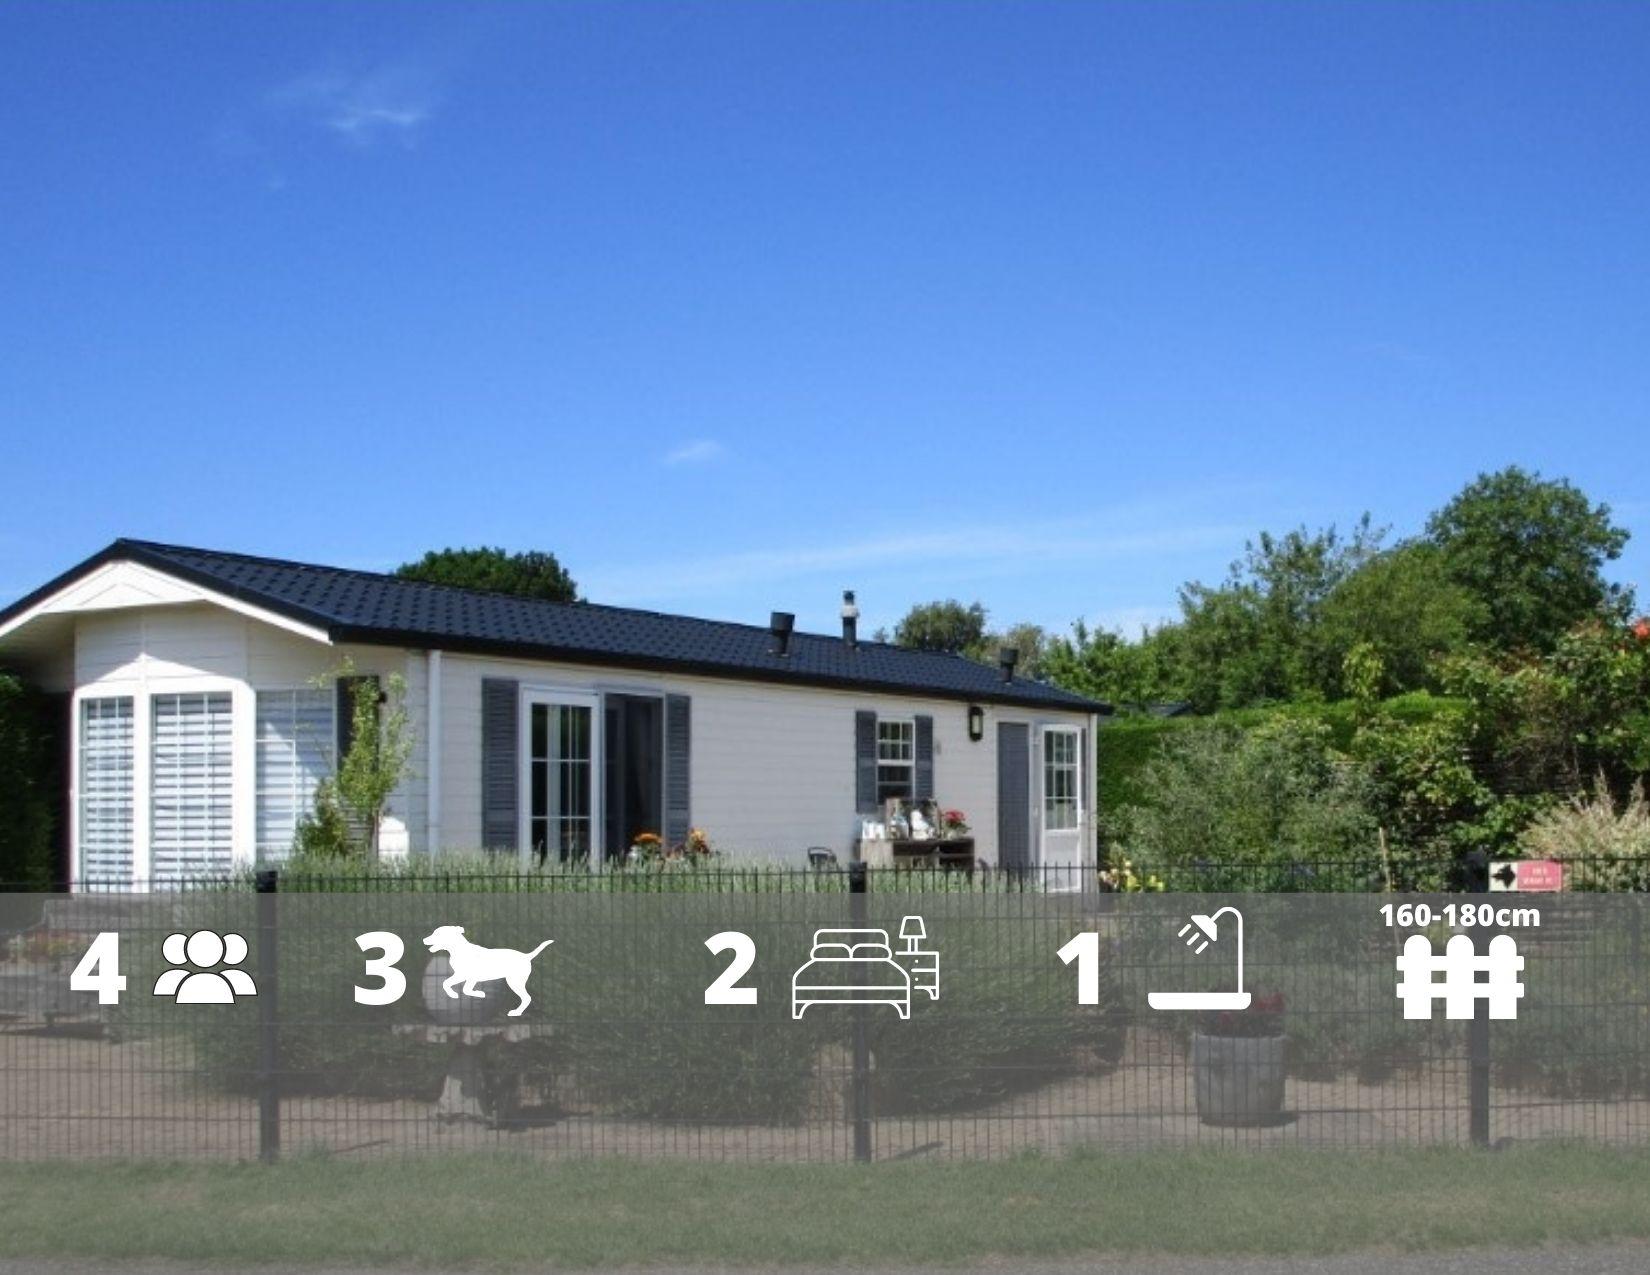 Ferienhaus - Chalet Seerose in Burgh-Haamstede - Zeeland